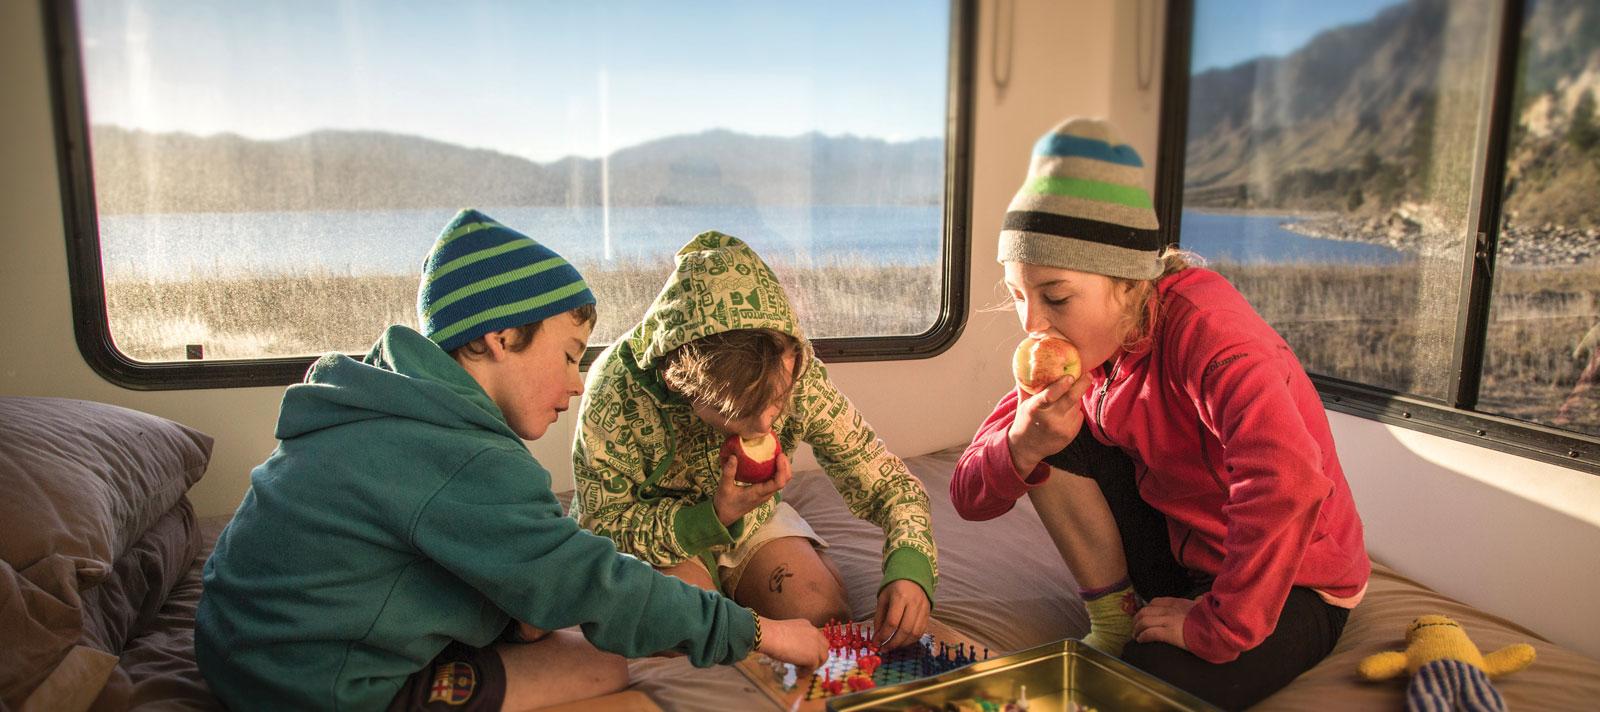 Camperreisen mit Kindern | Campermiete in Australien & Neuseeland